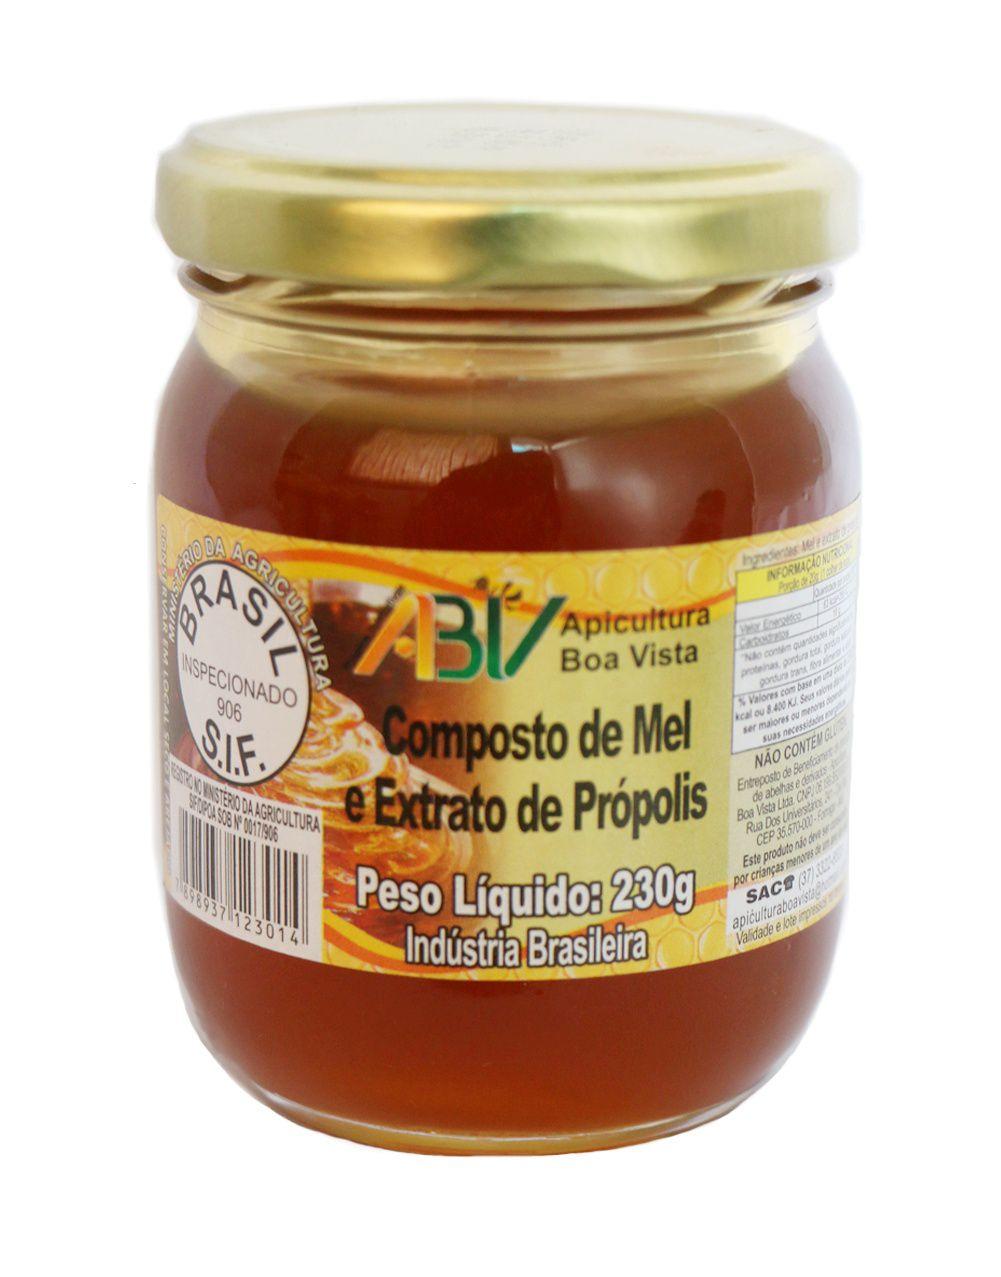 Composto de mel e extrato de própolis pote vidro 230g